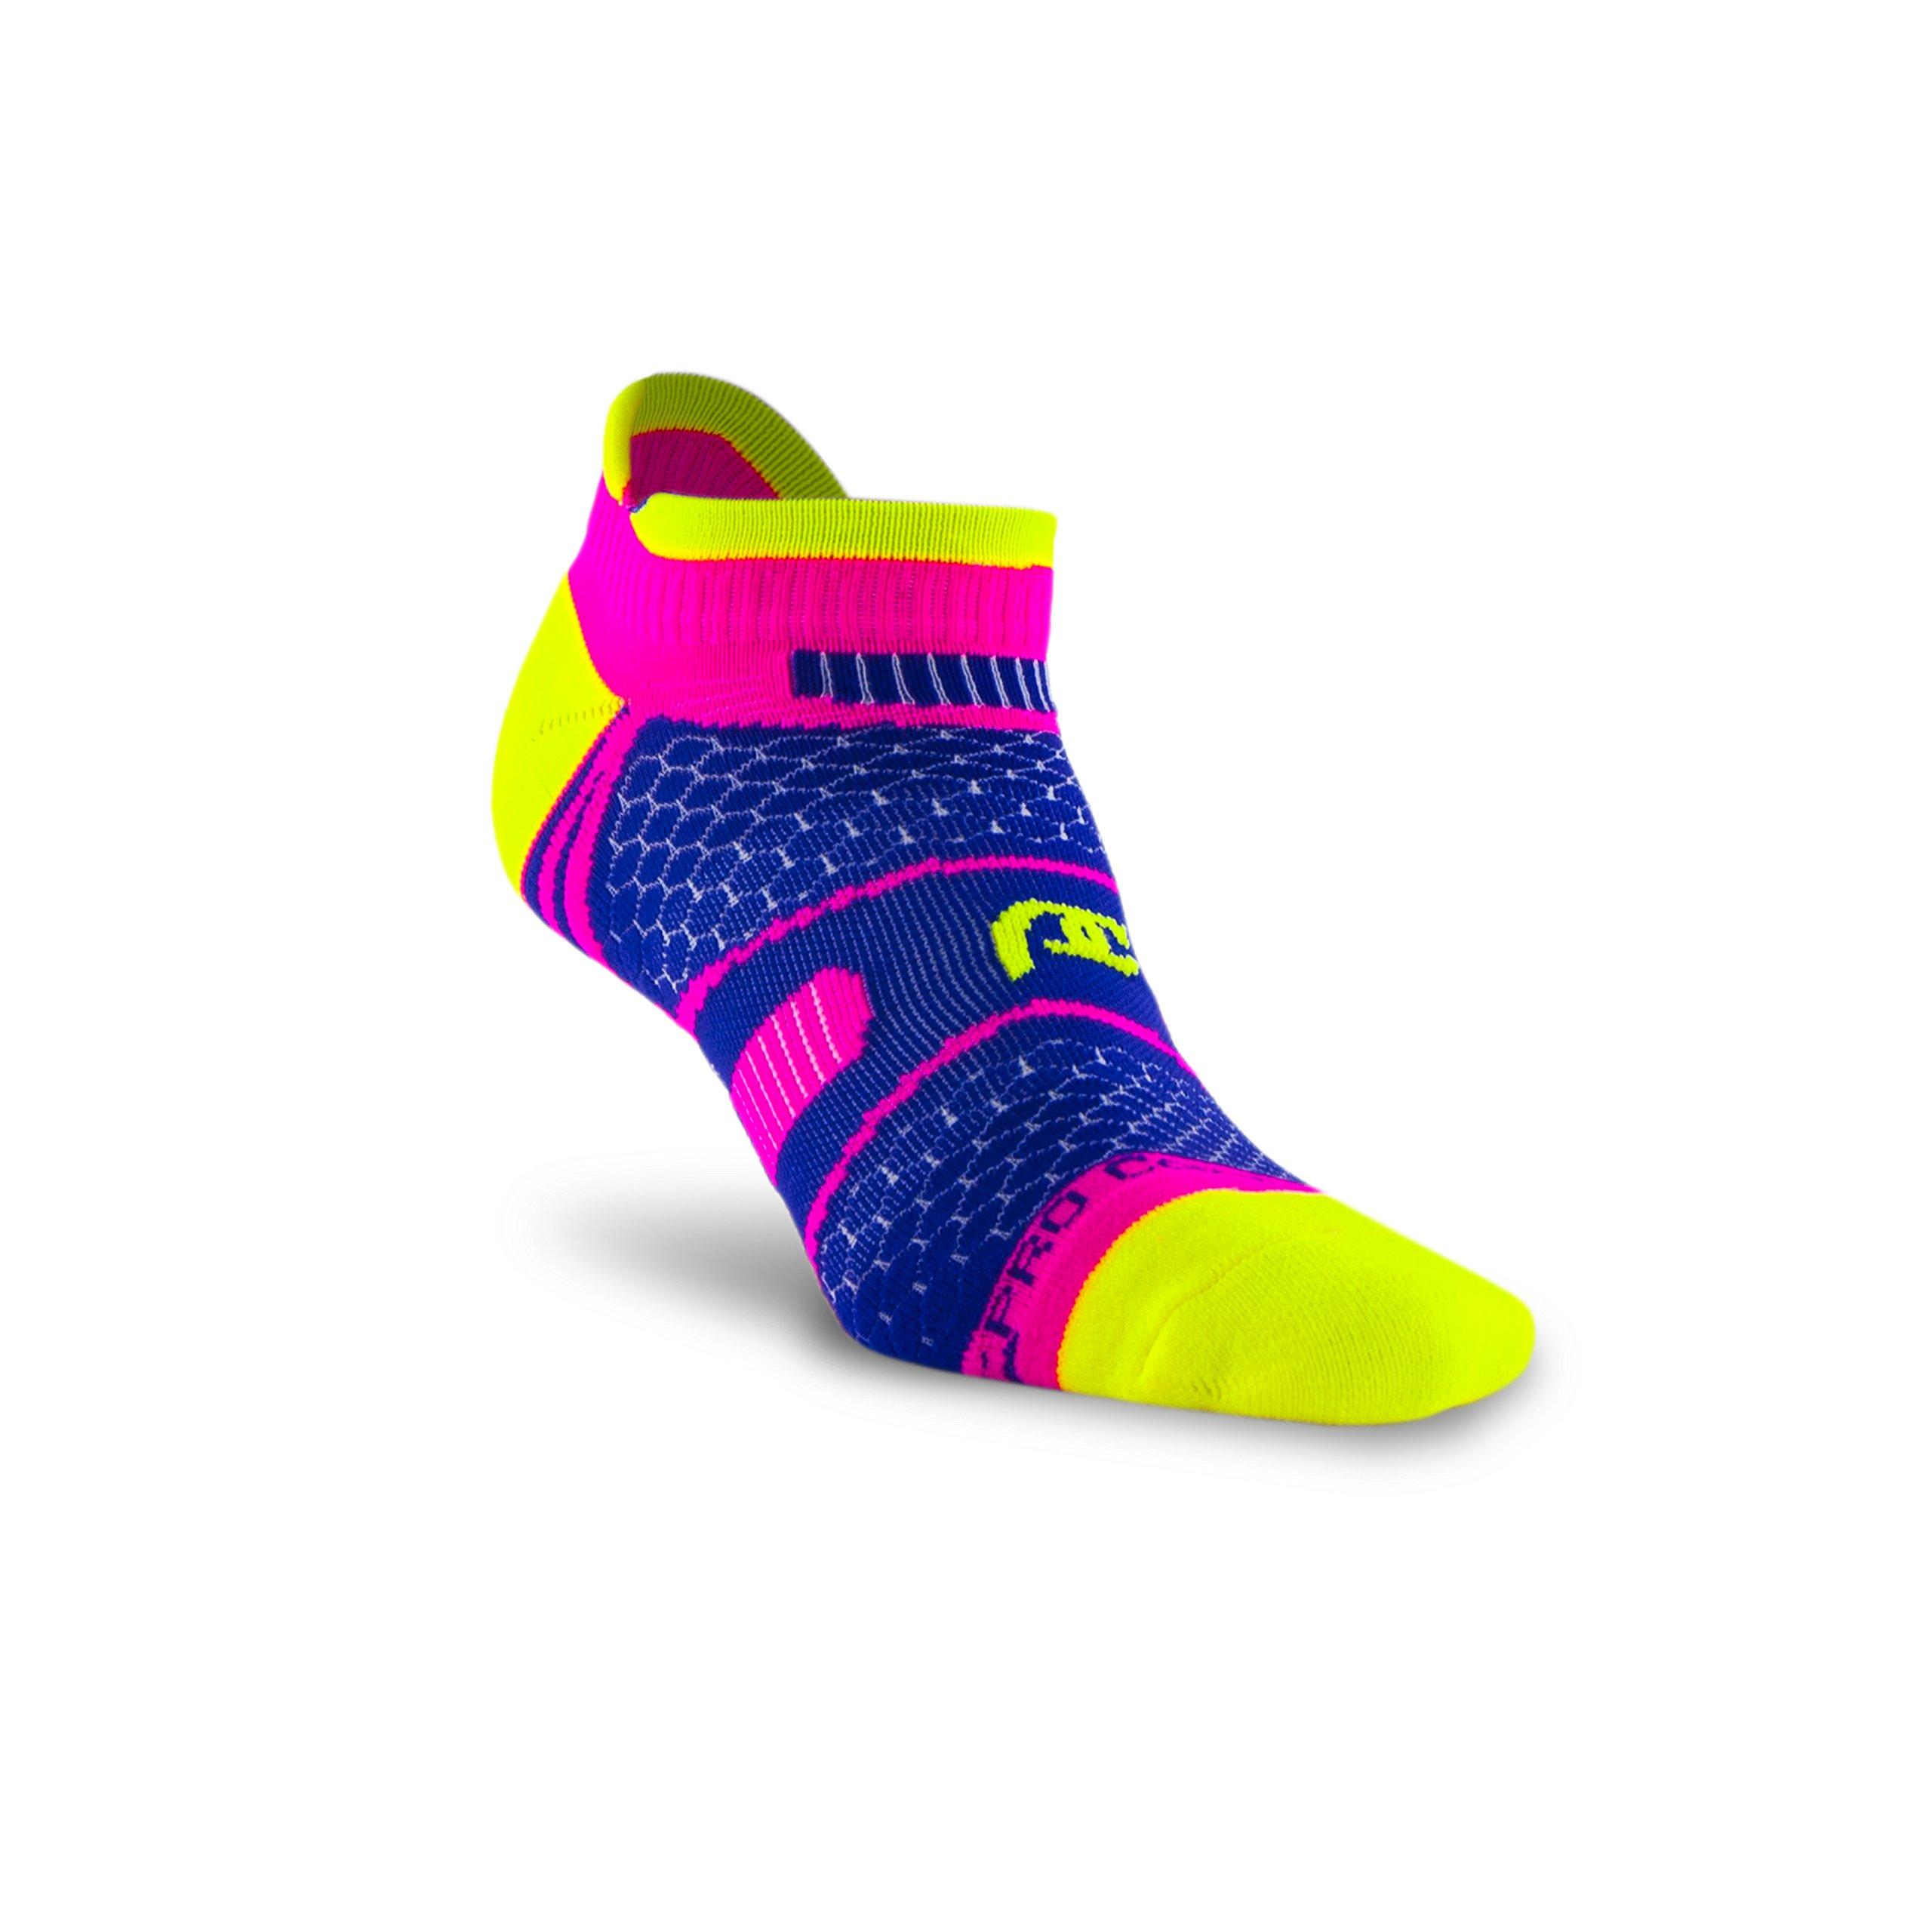 PRO Compression: PC Runner (Low-Profile) Compression Socks, Pink/Purple/Neon, Small/Medium